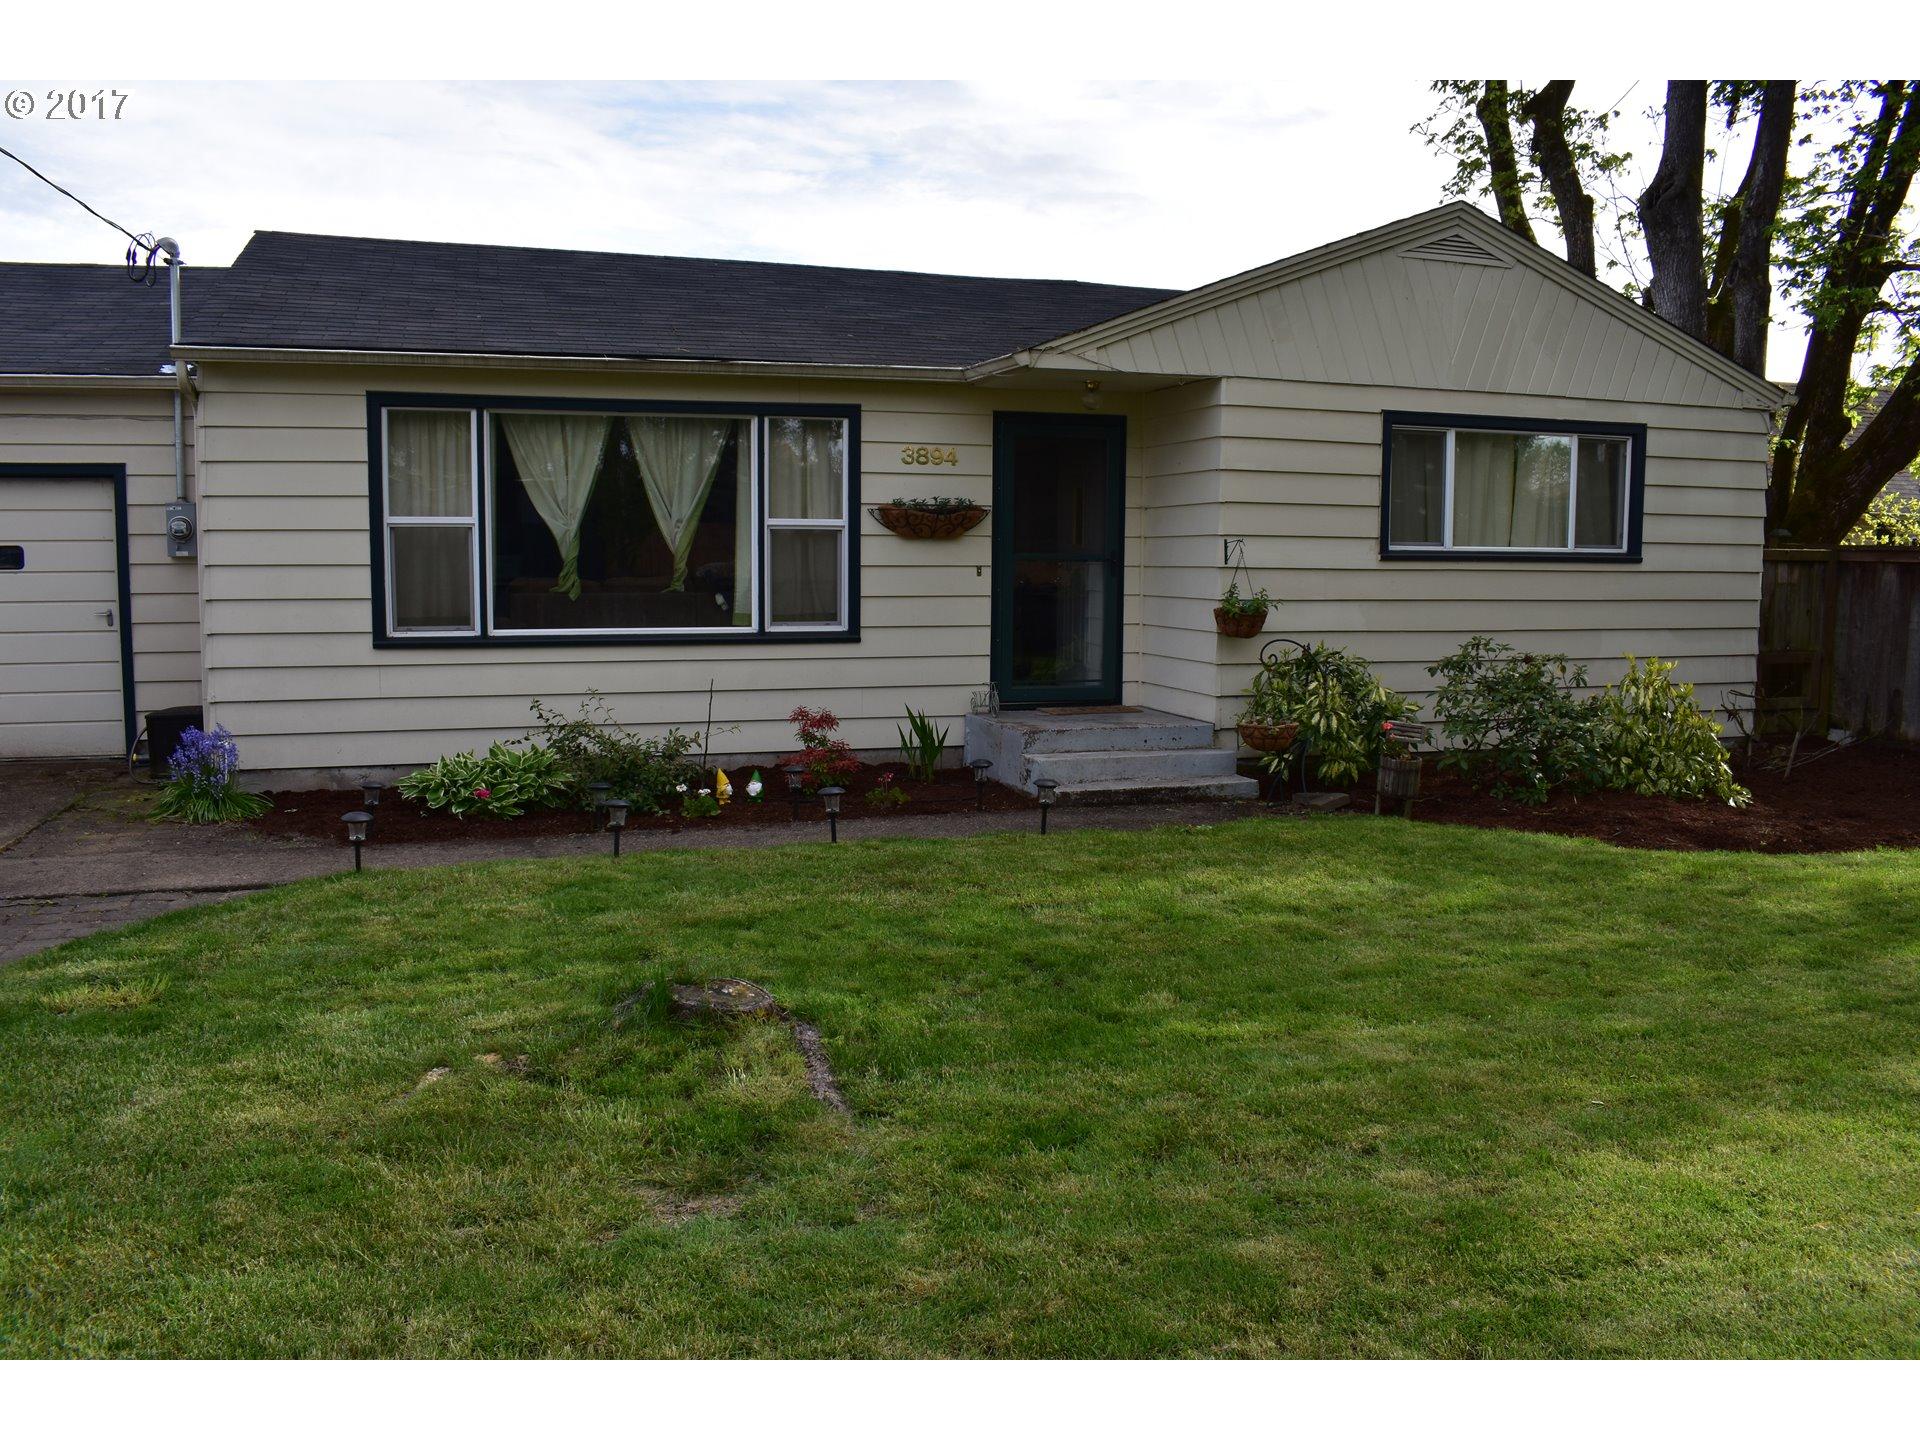 3894 ELMIRA RD, Eugene, OR 97402